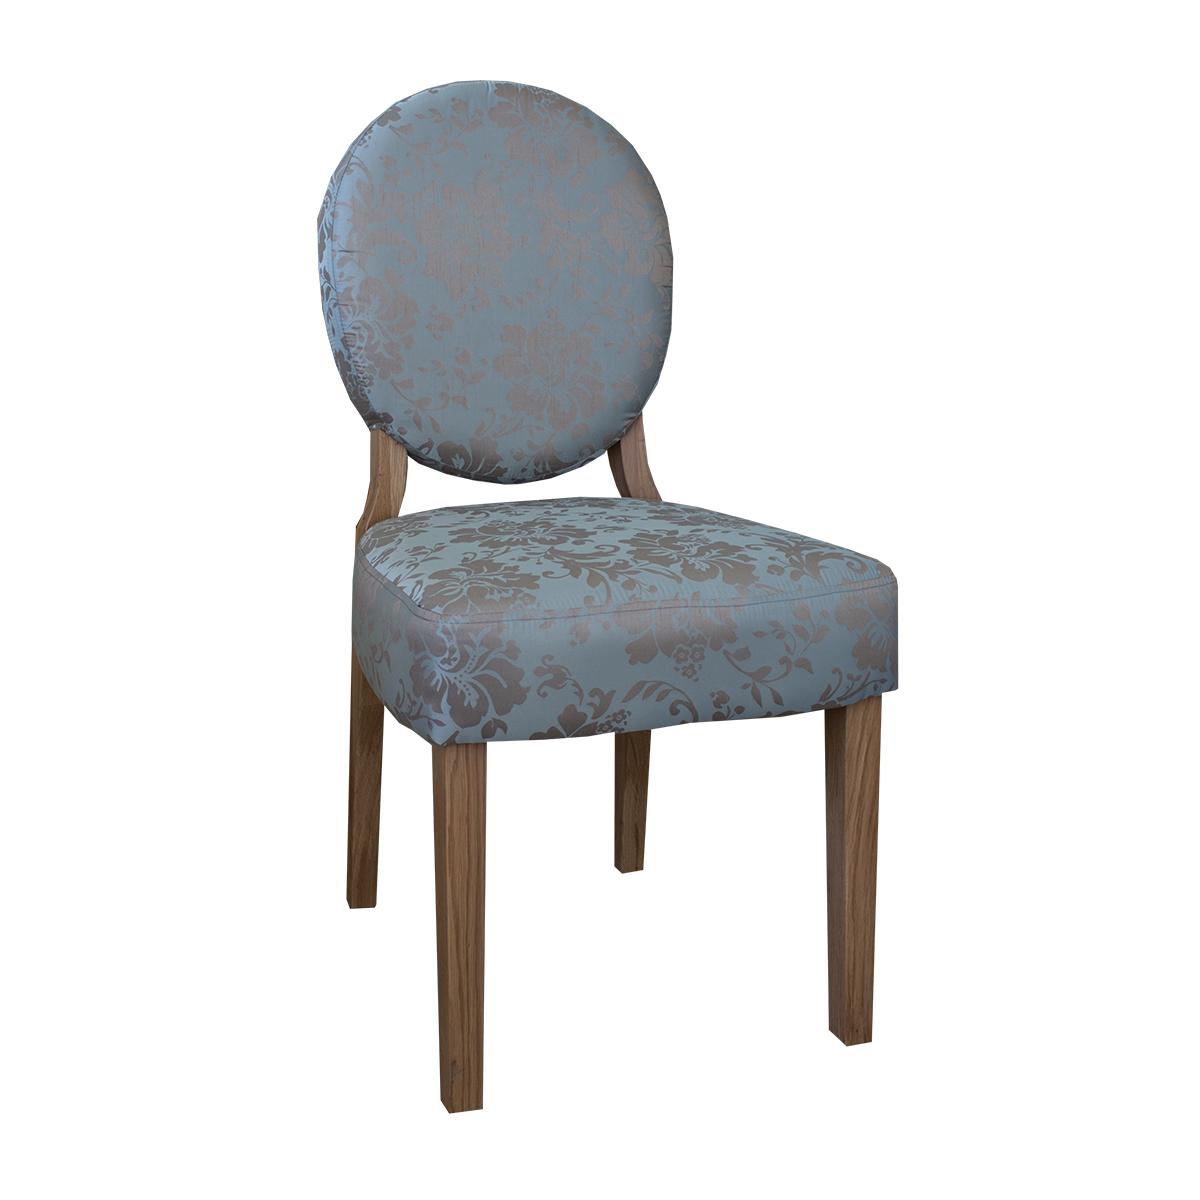 polsterstuhl lier ist ein sehr bequemer stuhl im retrodesign er passt optimal zu einem sch nen. Black Bedroom Furniture Sets. Home Design Ideas